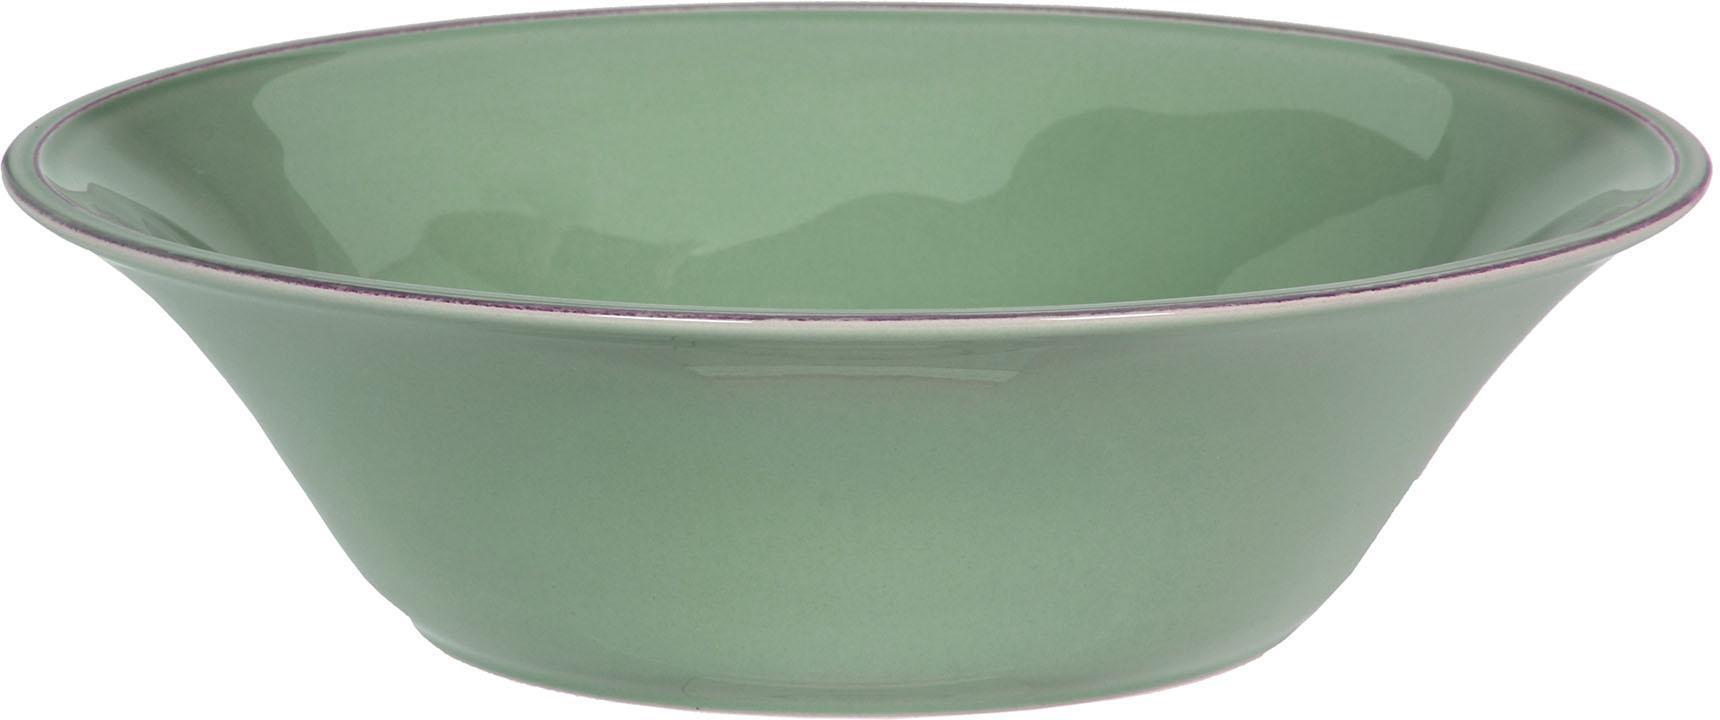 Misa do sałatek Constance, Kamionka, Szałwiowy zielony, Ø 30 x W 9 cm